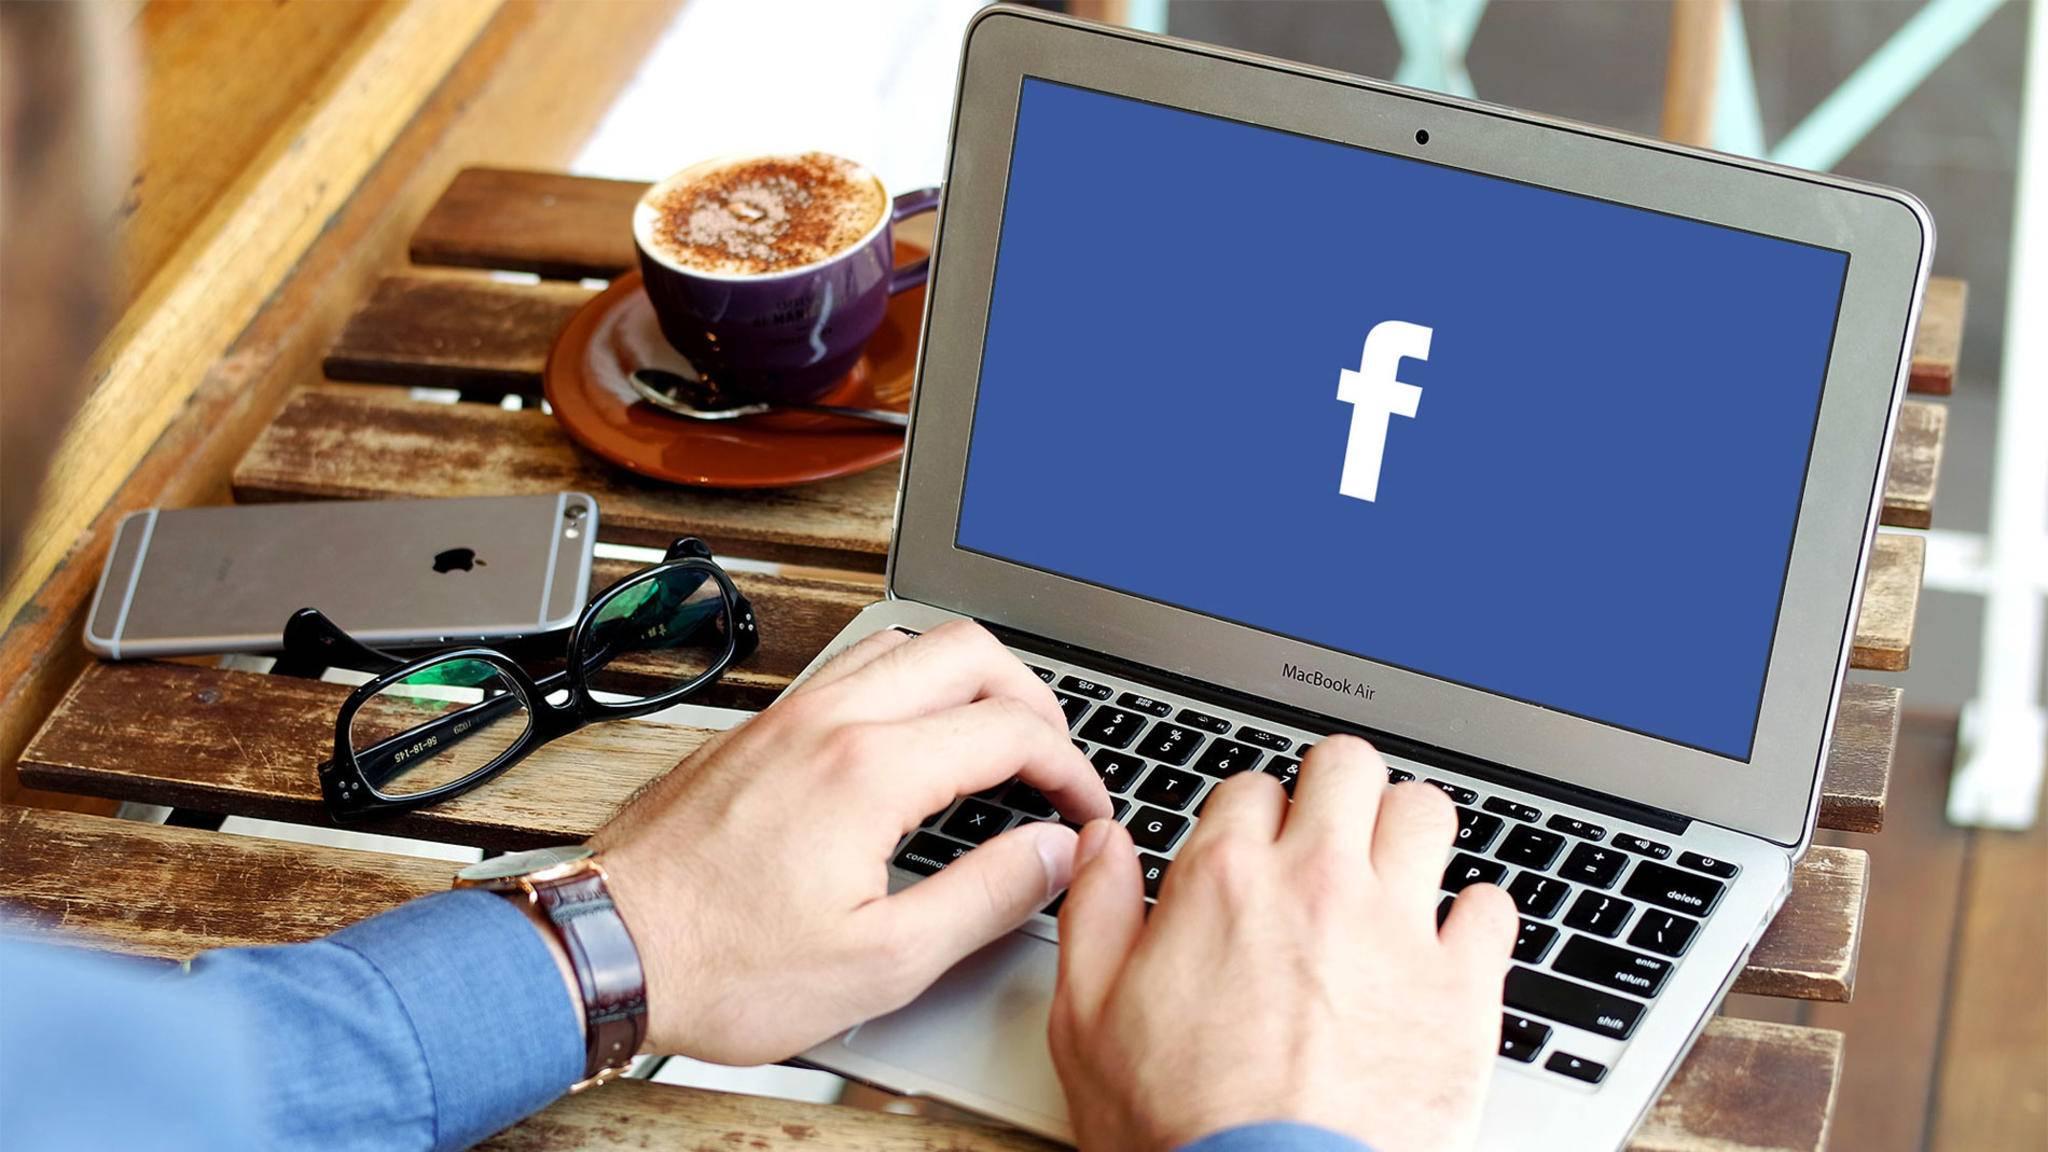 Auszeit gefällig? So kannst Du Dein Facebook-Konto deaktivieren.